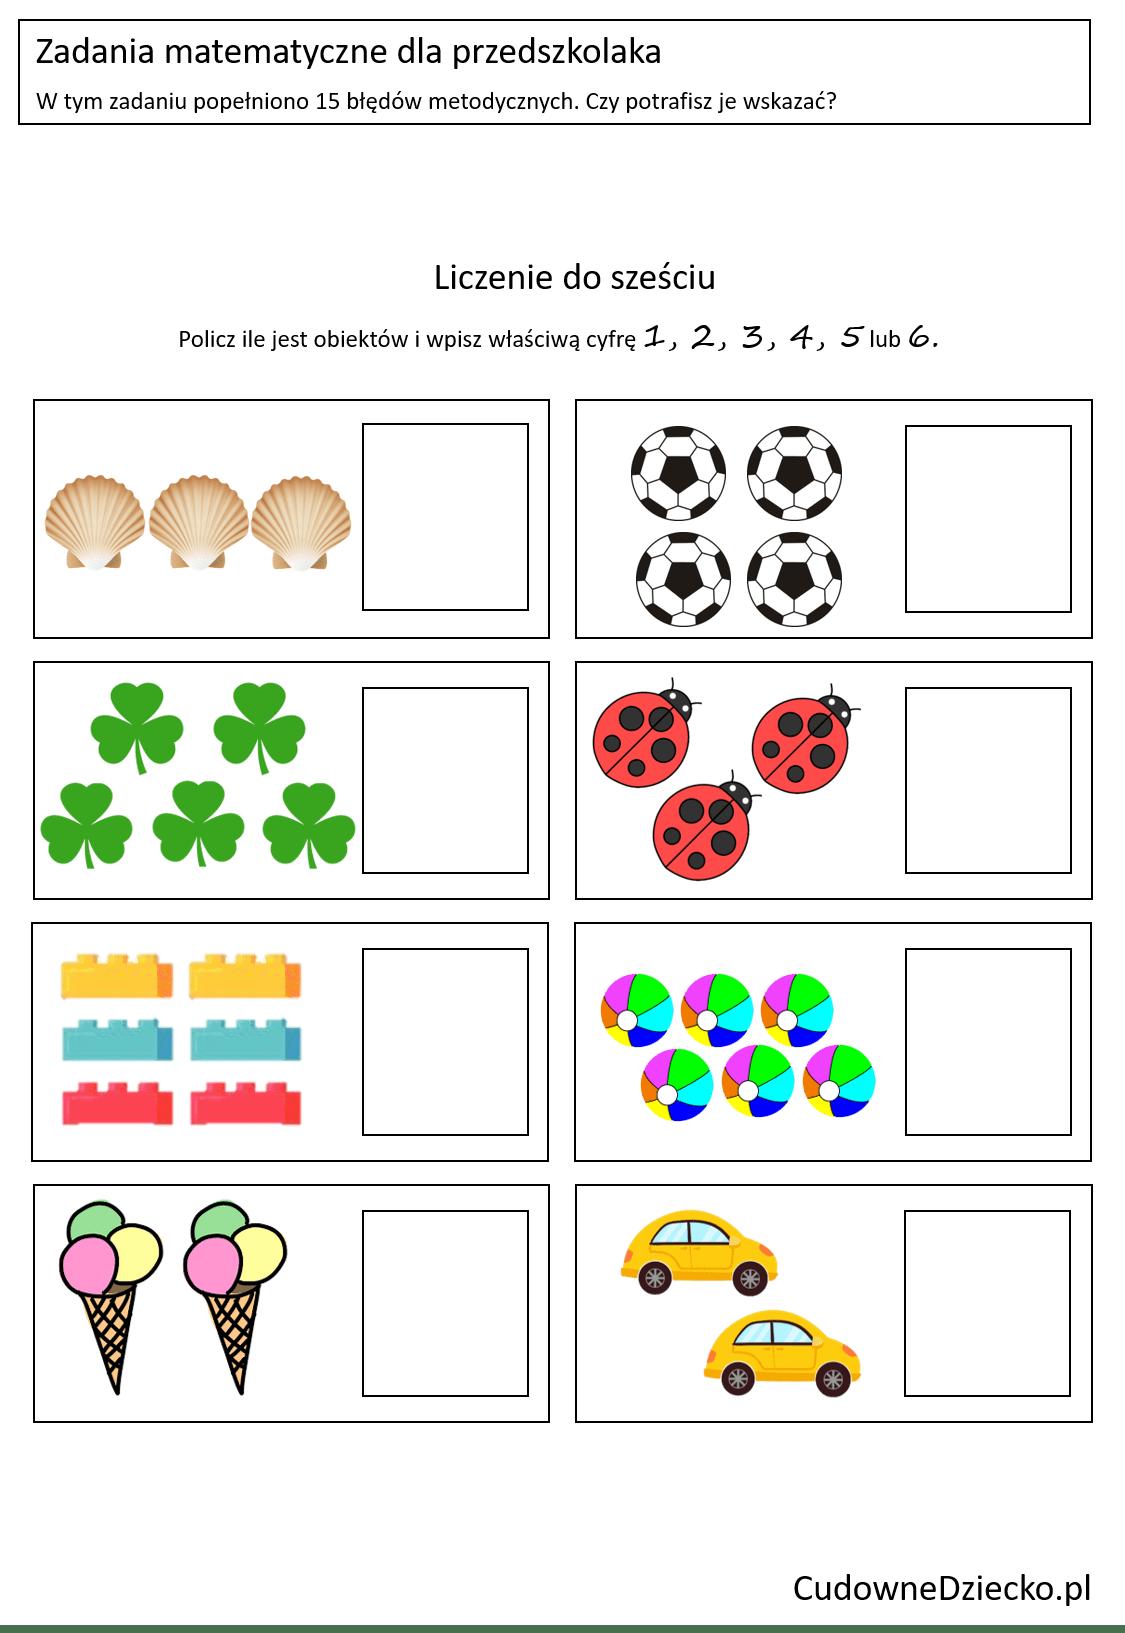 Zadania Matematyczne Dla Przedszkolaków Dziecko 4 Lata Liczby